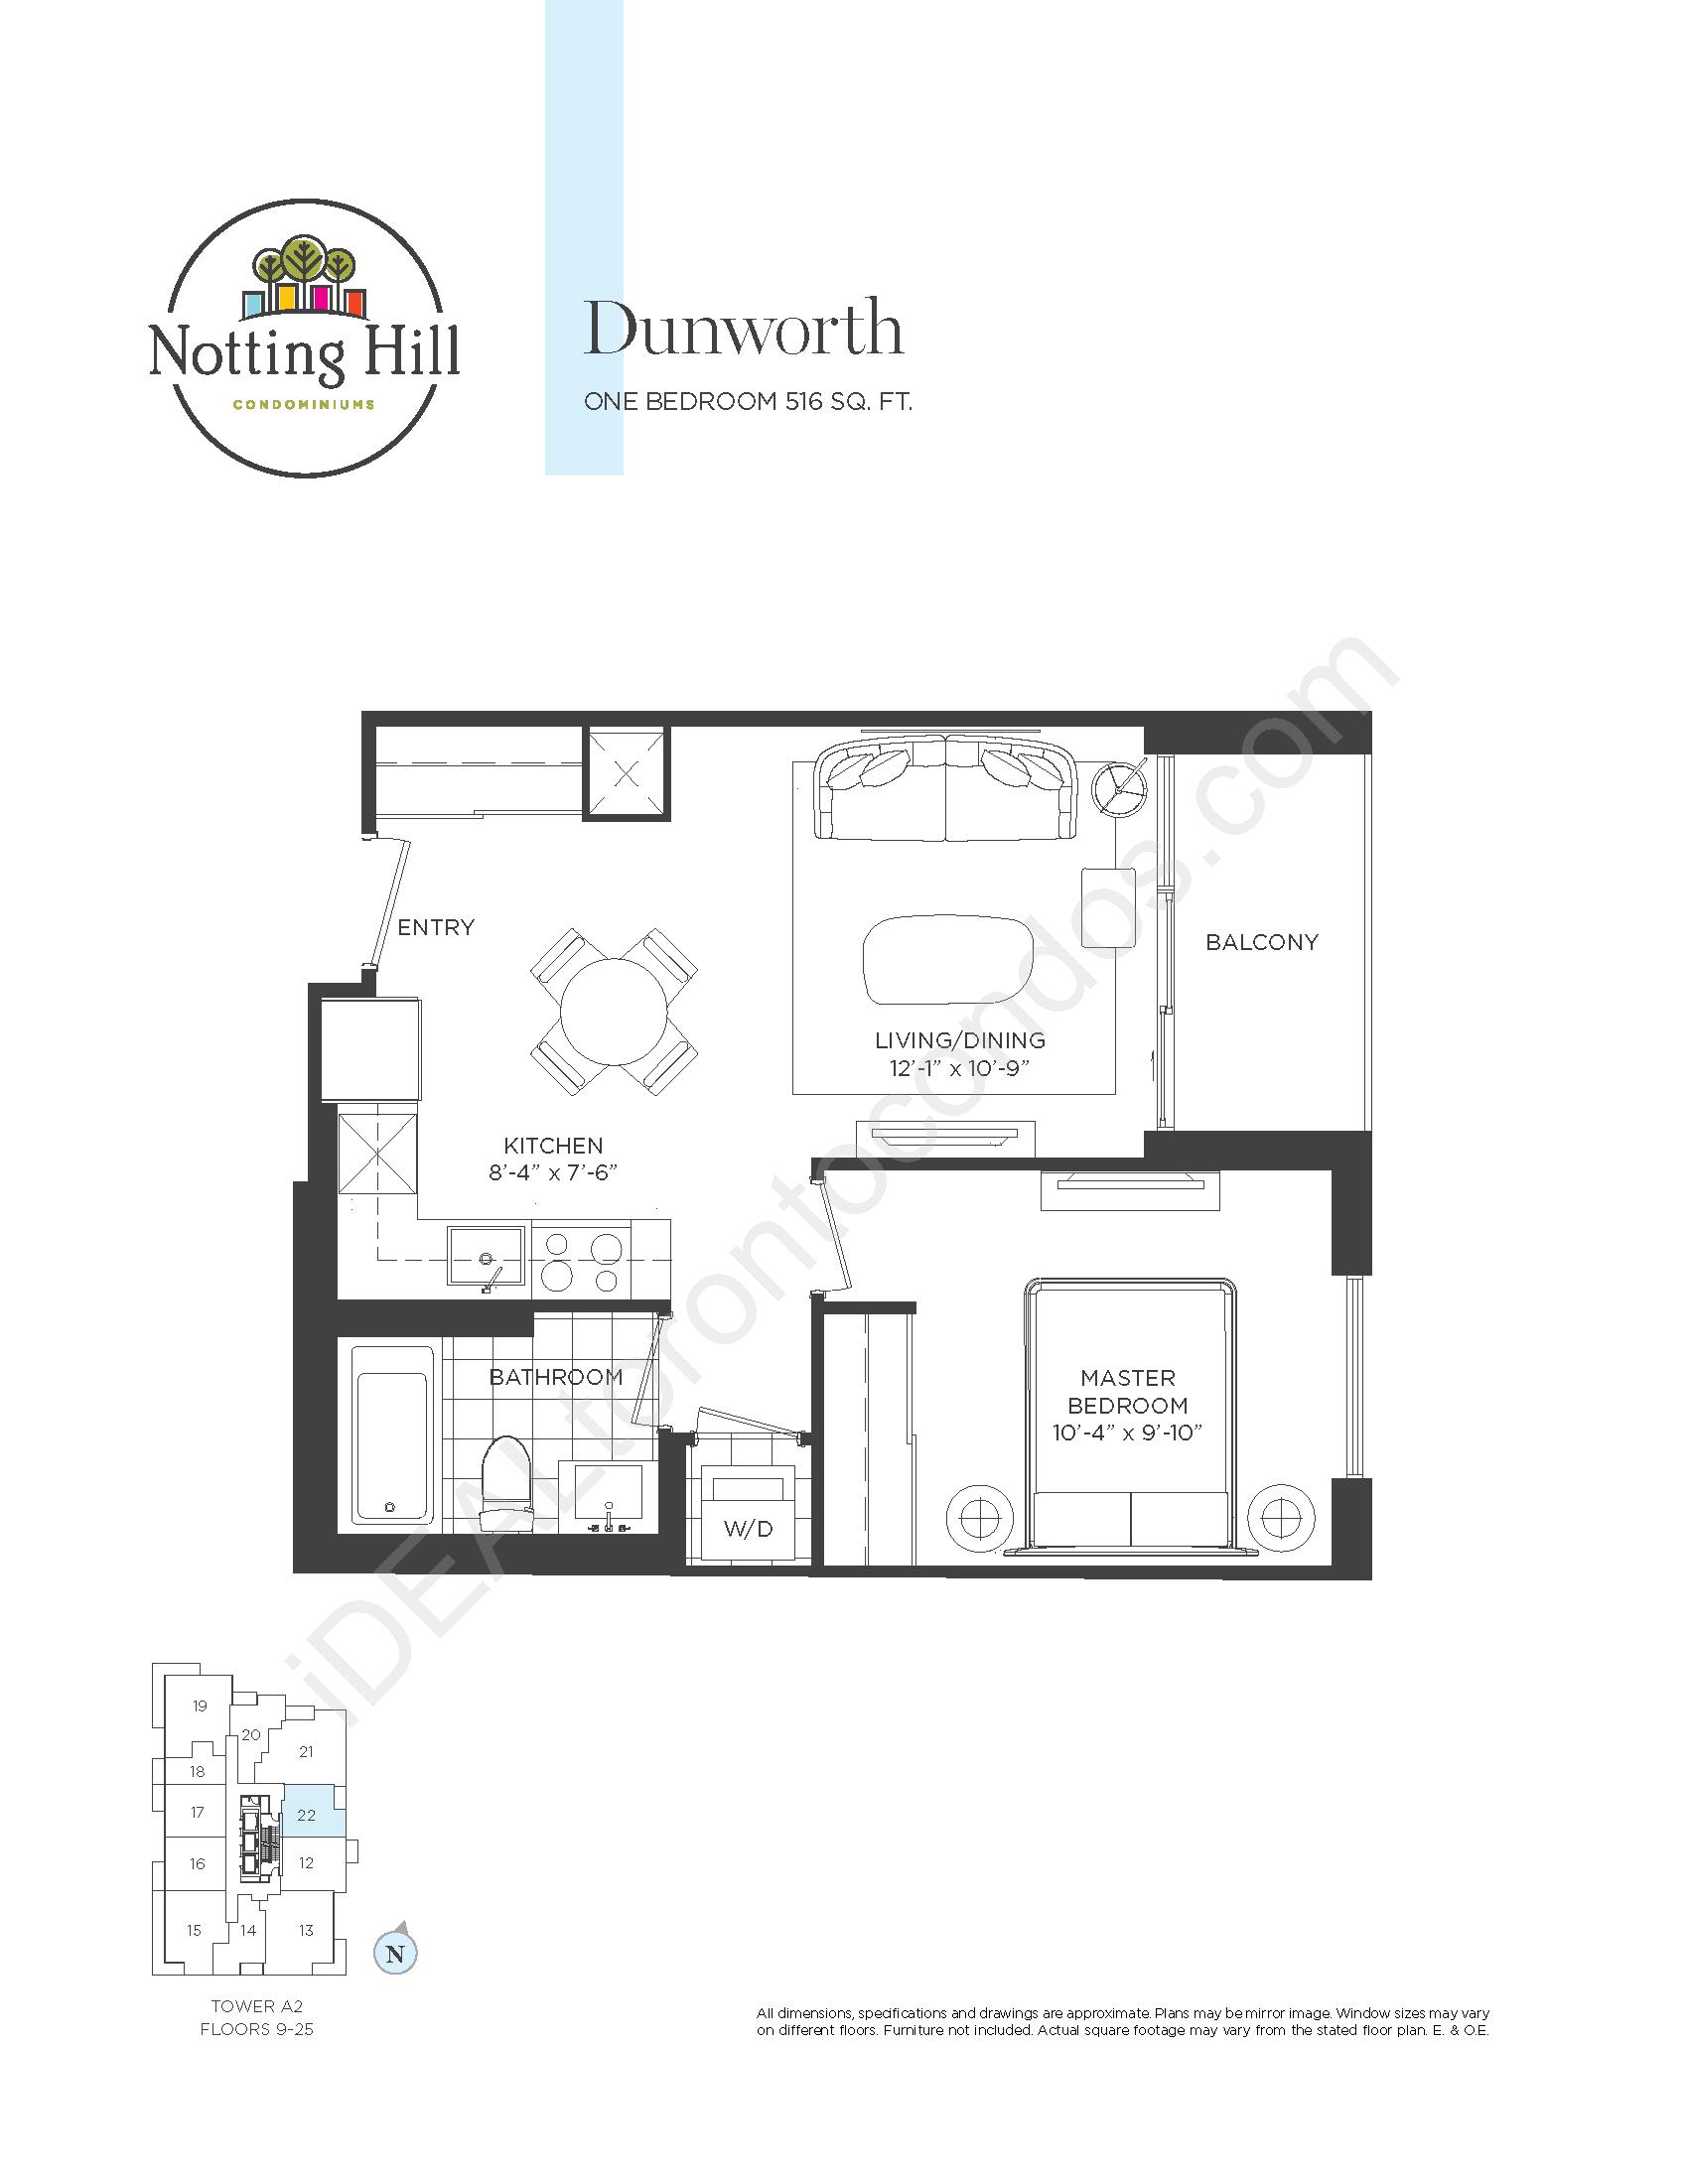 Dunworth - One bedroom